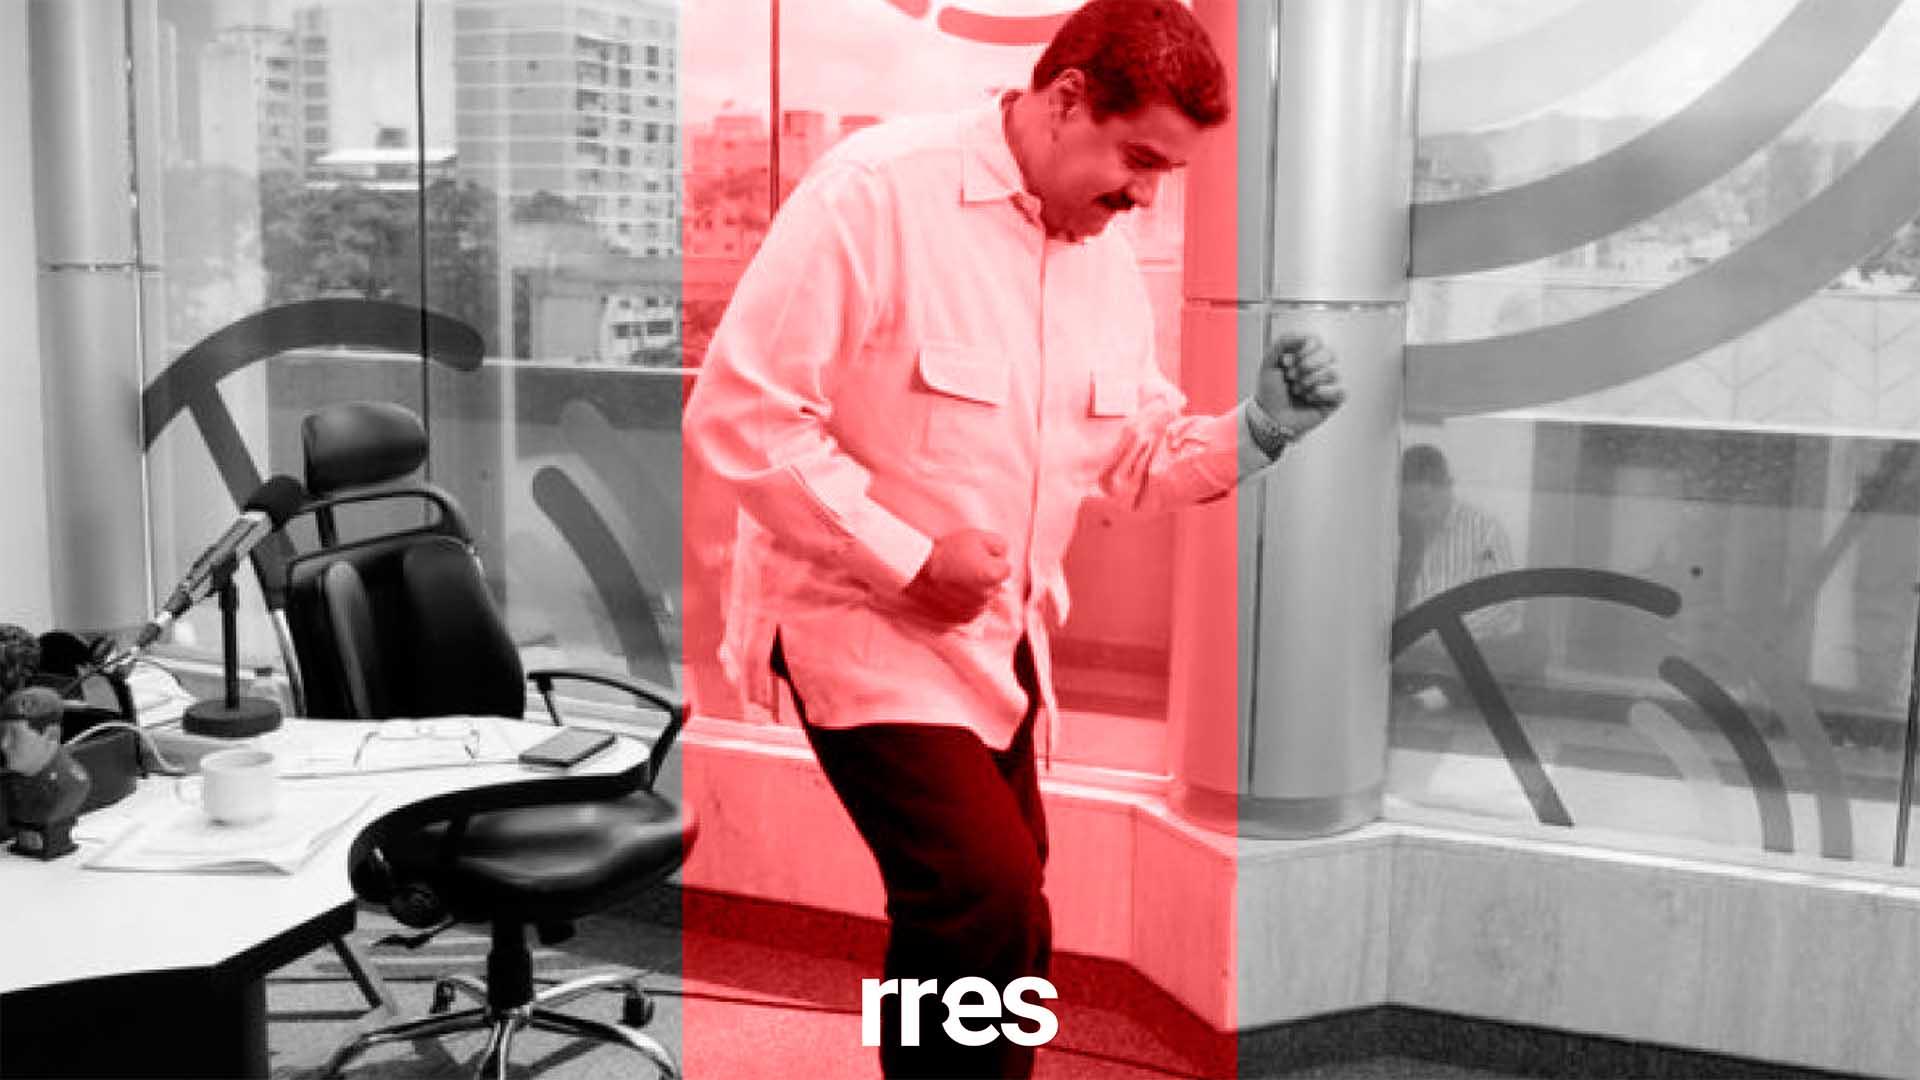 La dictadura del absurdo, por Andrés Volpe*